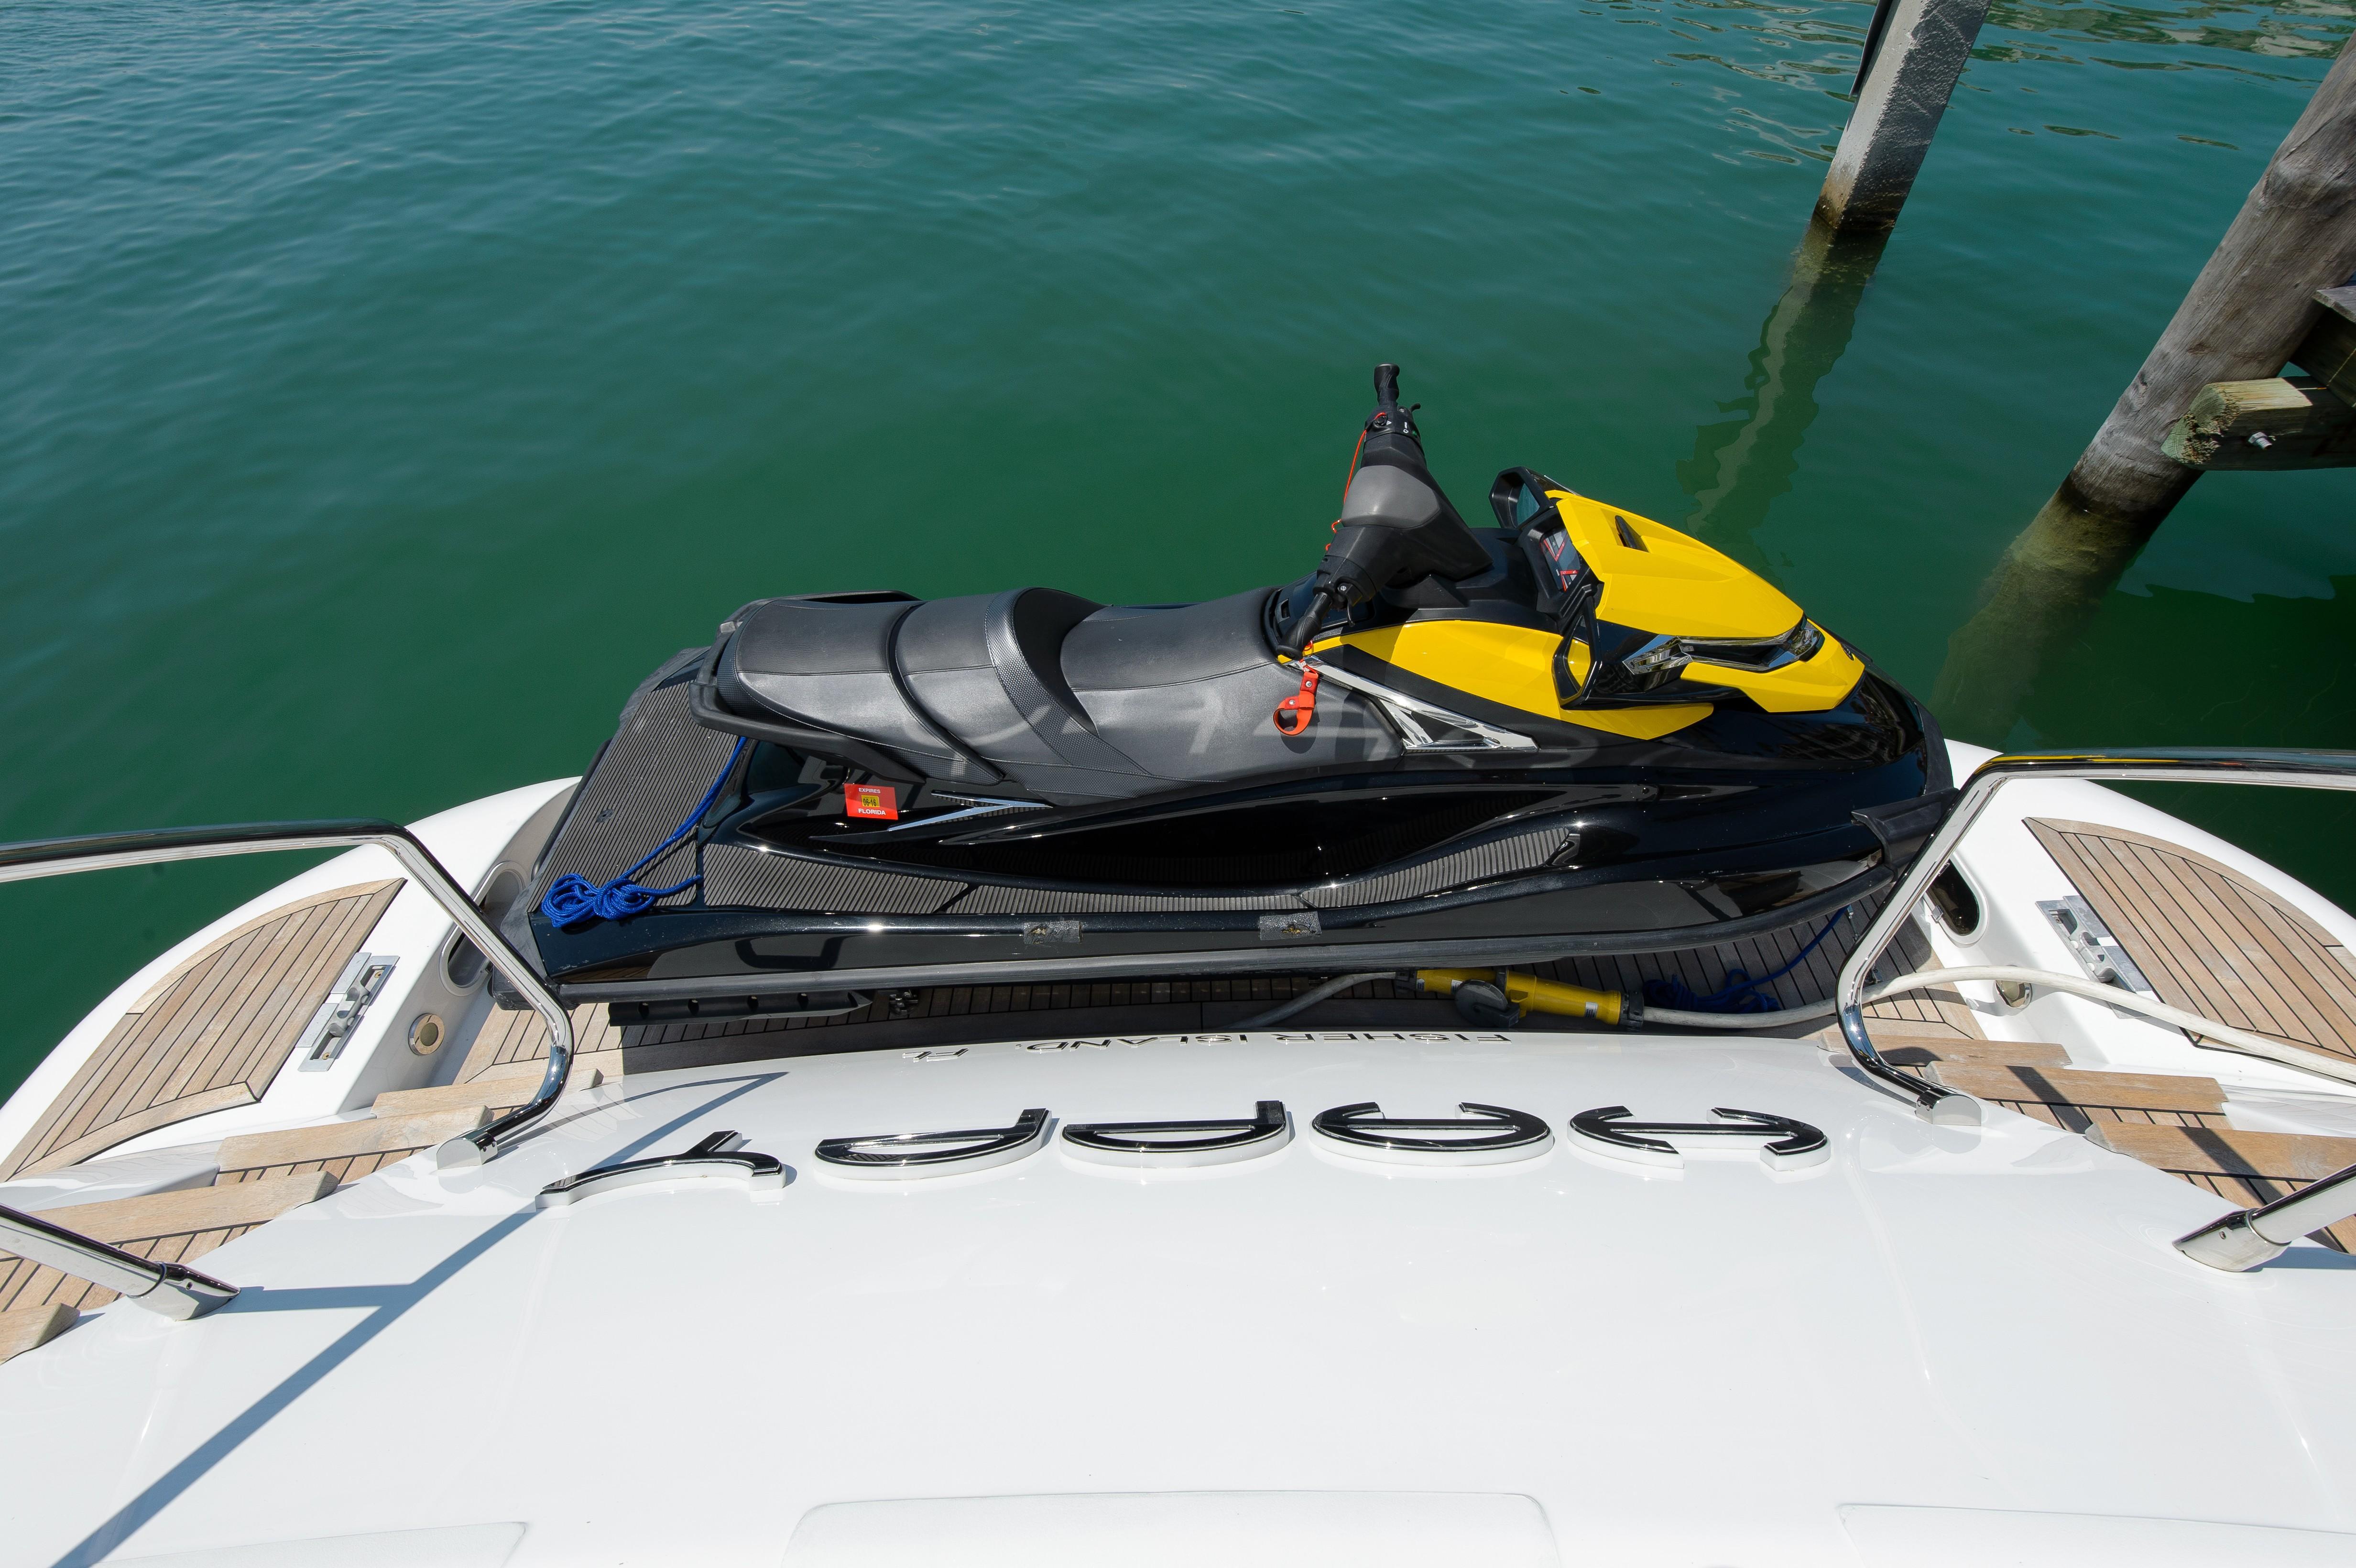 2005 Mangusta 80 - Jet Ski